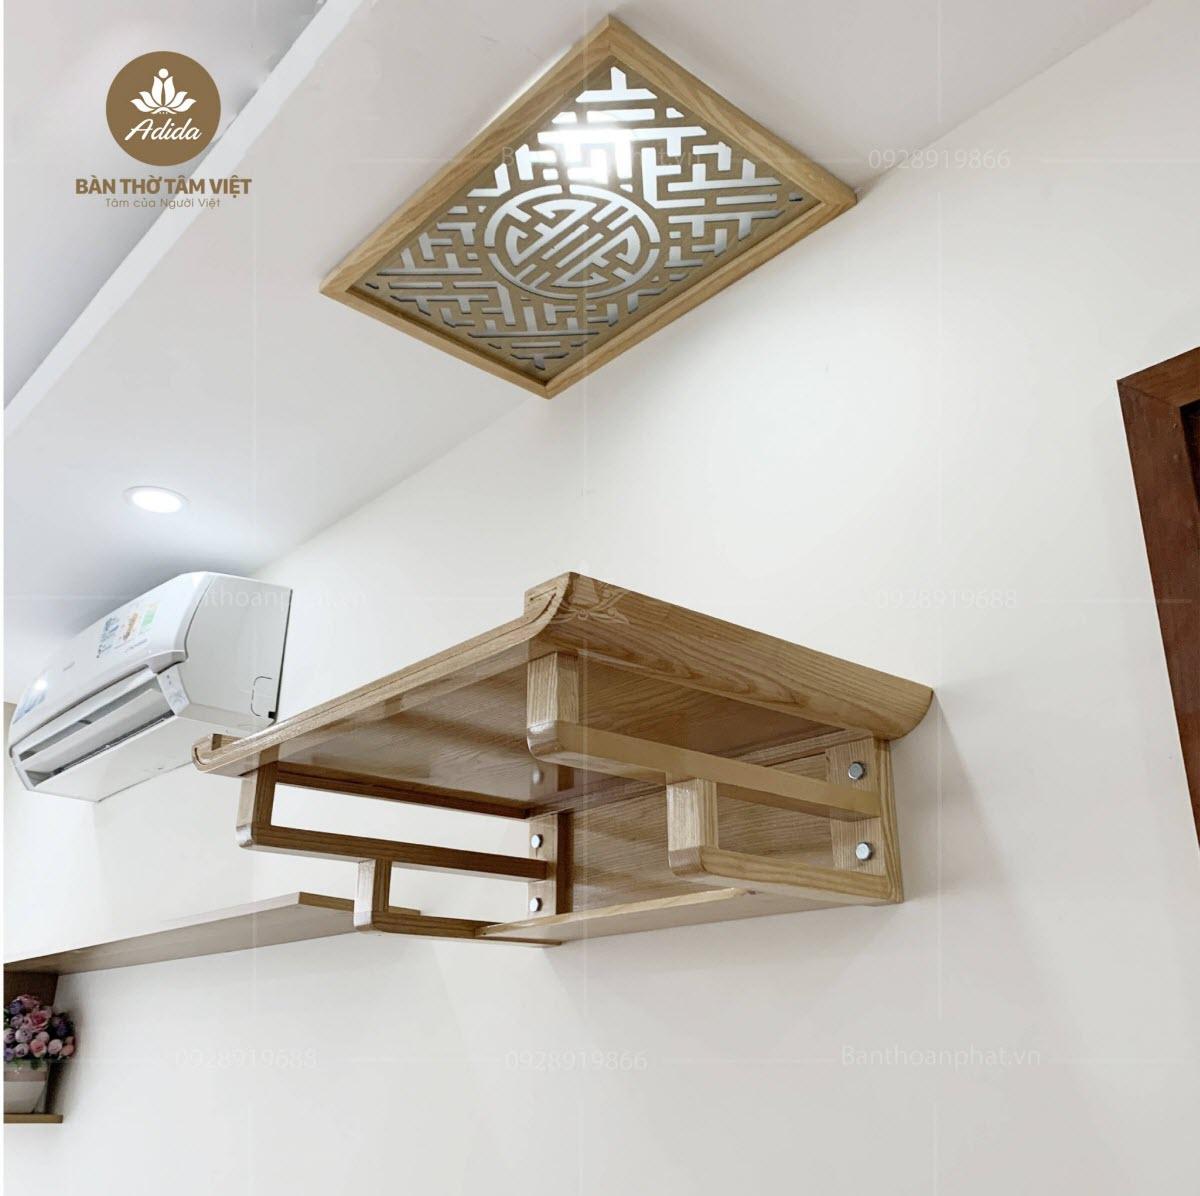 Bàn thờ treo tường bằng gỗ mít